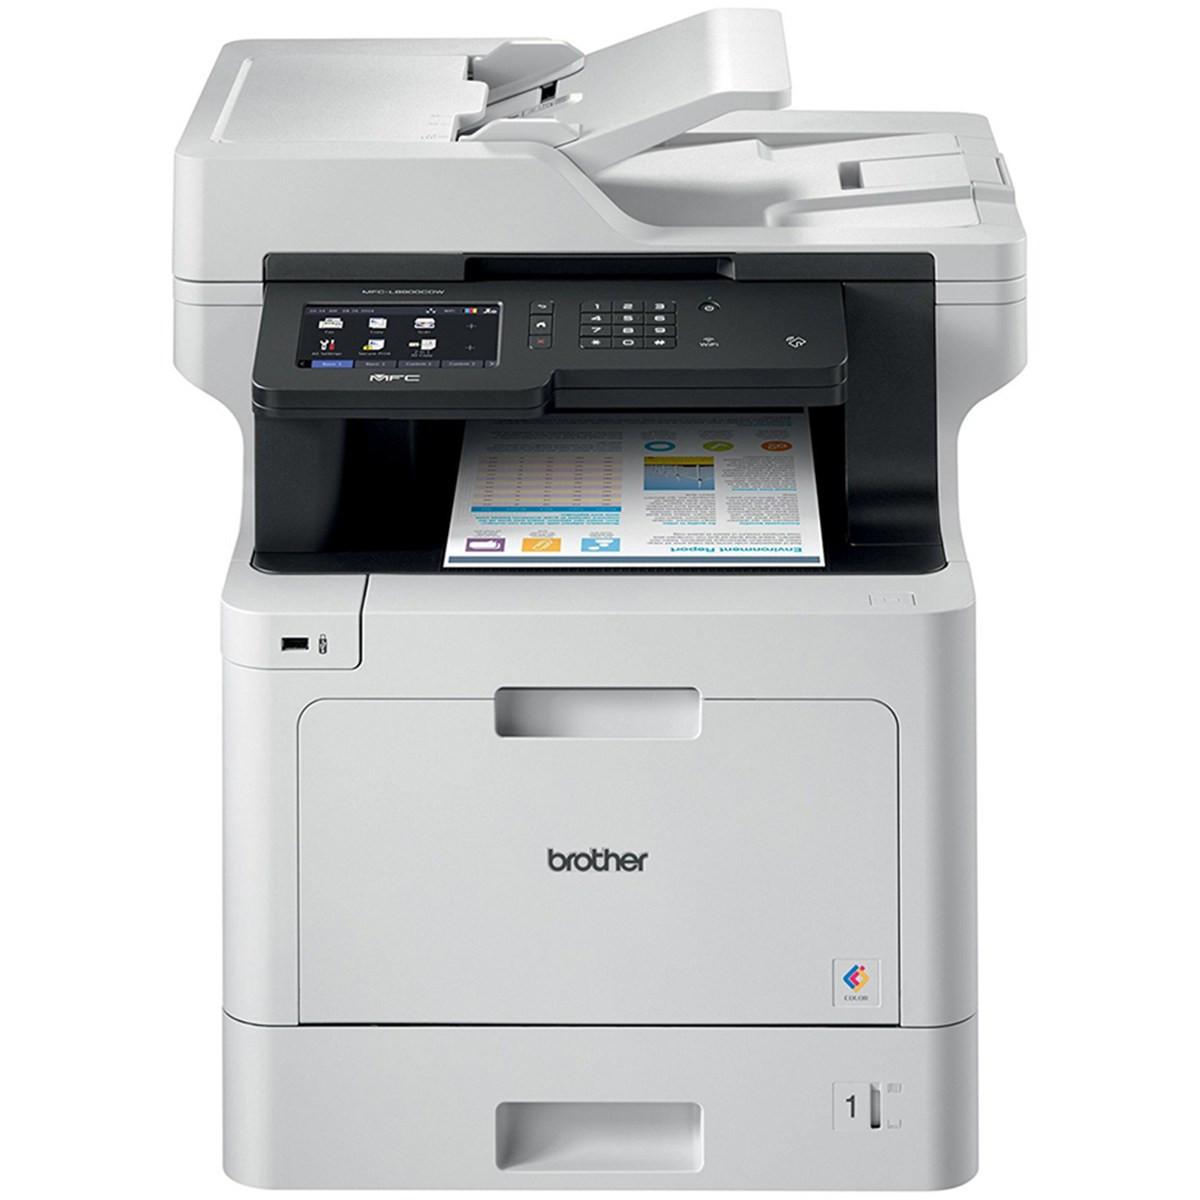 Impressora Brother MFC-L8900CDW Multifuncional Laser Colorida com Wireless e Duplex Completo